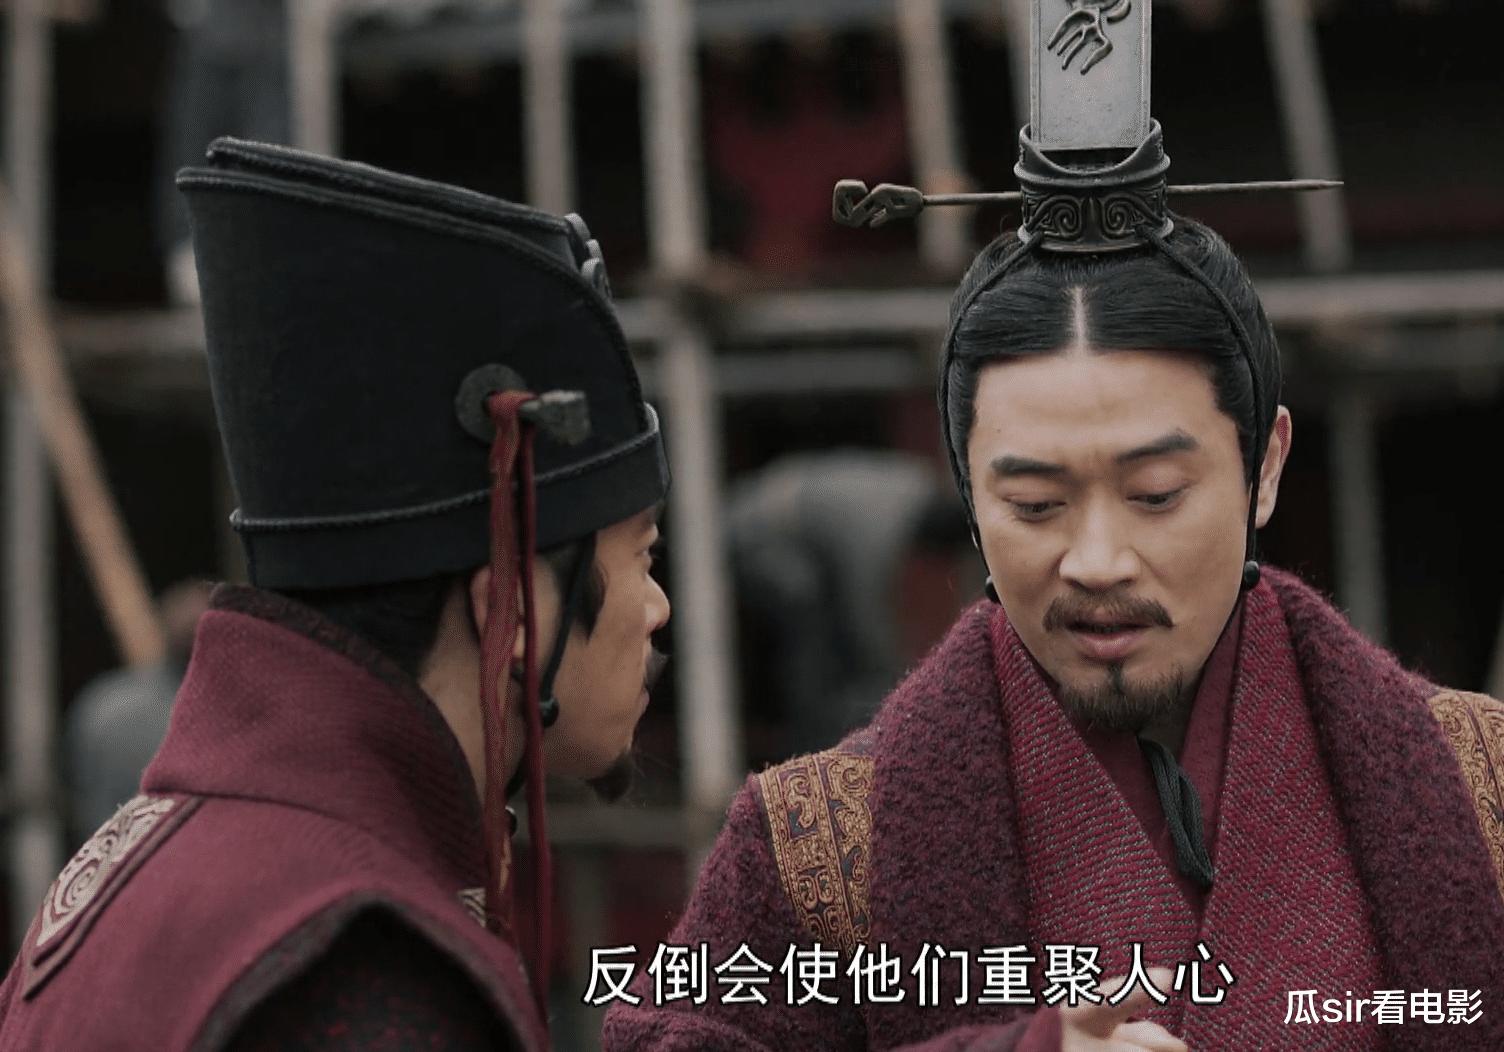 《大秦赋》什么操作?一部讲大秦的电视剧活生生逼出一群赵国粉丝